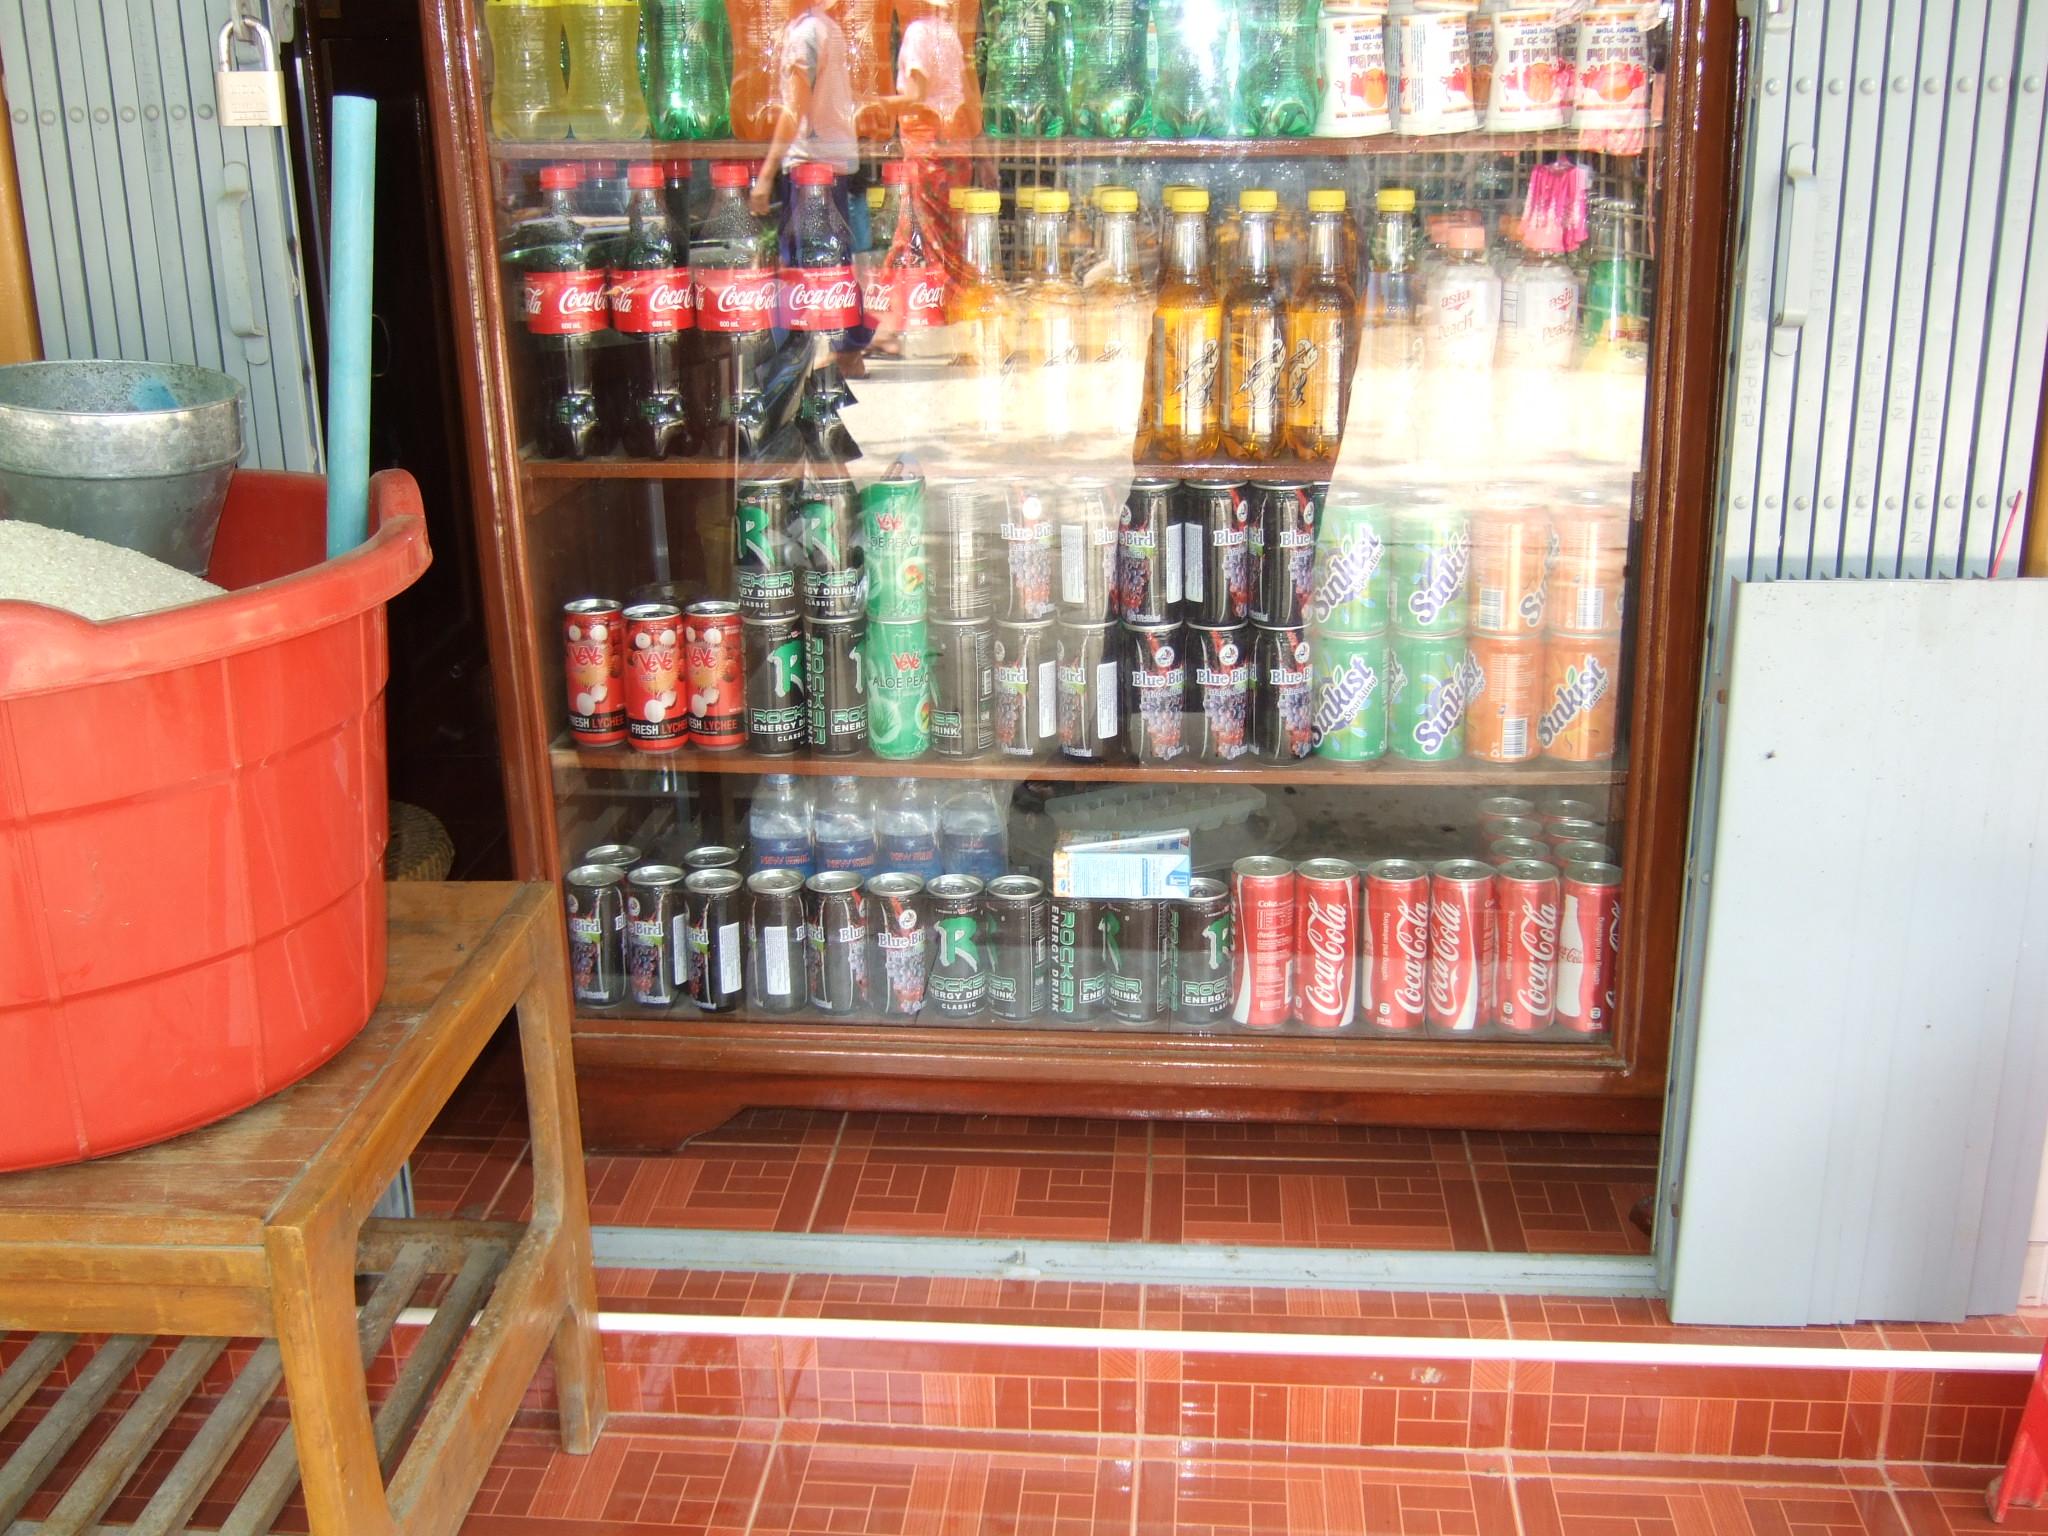 ミャンマーの雑貨屋にある商品